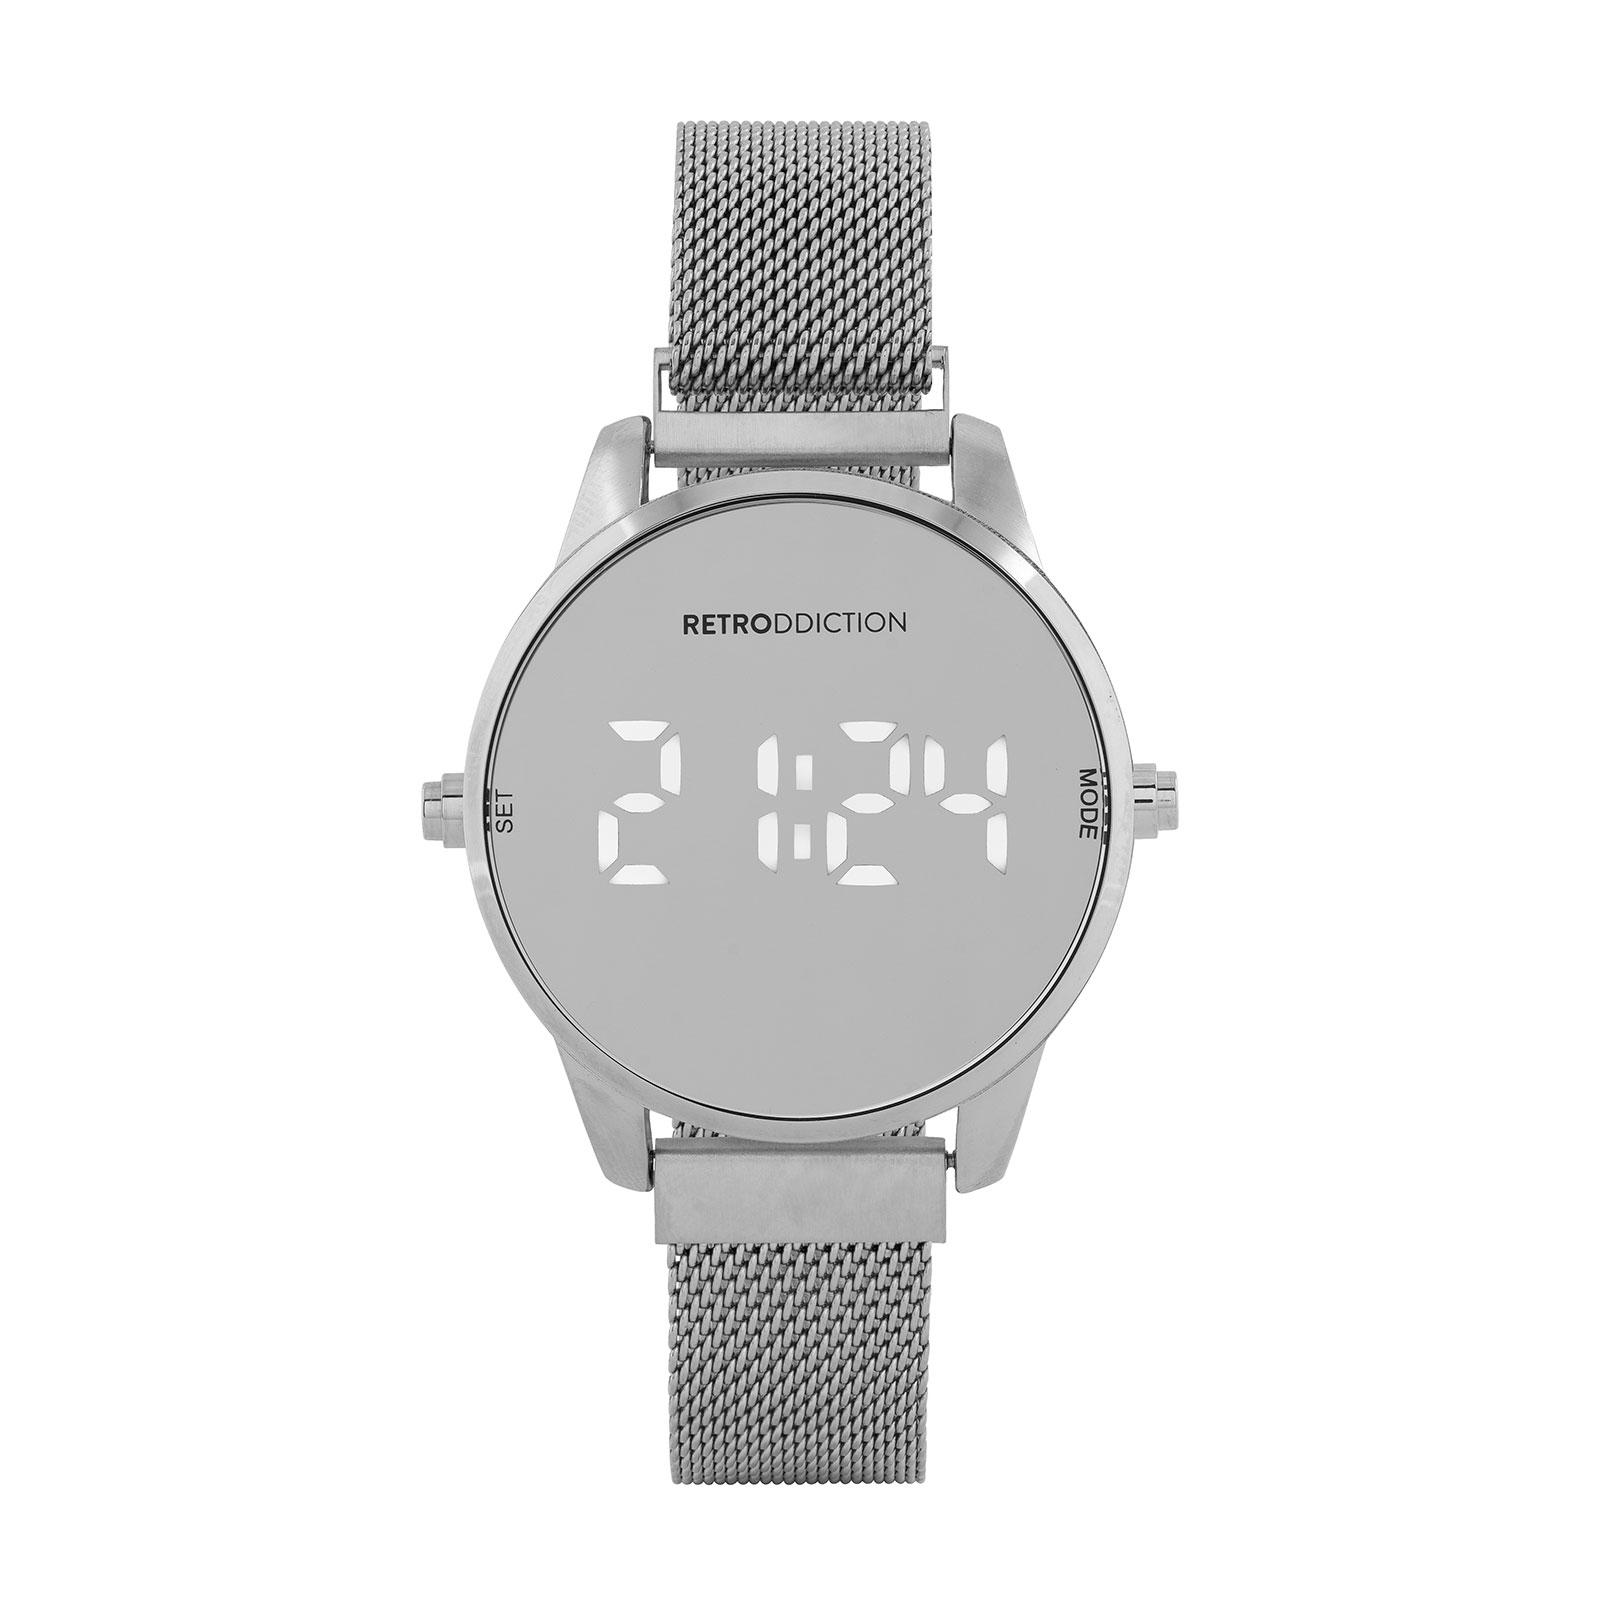 Digitalklocka Retroddiction - Silver med meshband